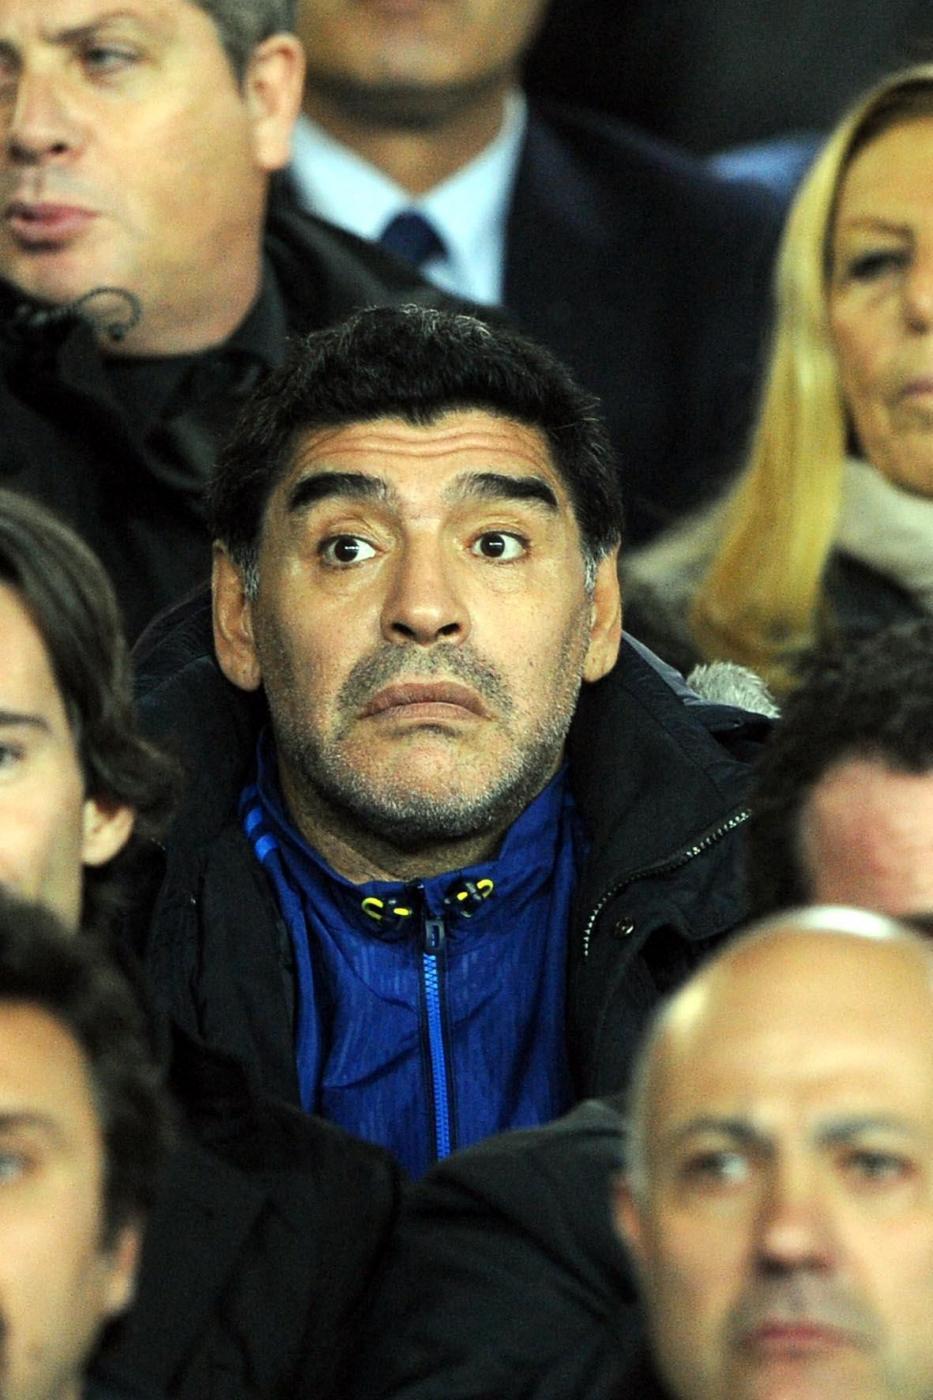 Finale Coppa Italia Fiorentina-Napoli 1-3 03-05-14 Secondo ...